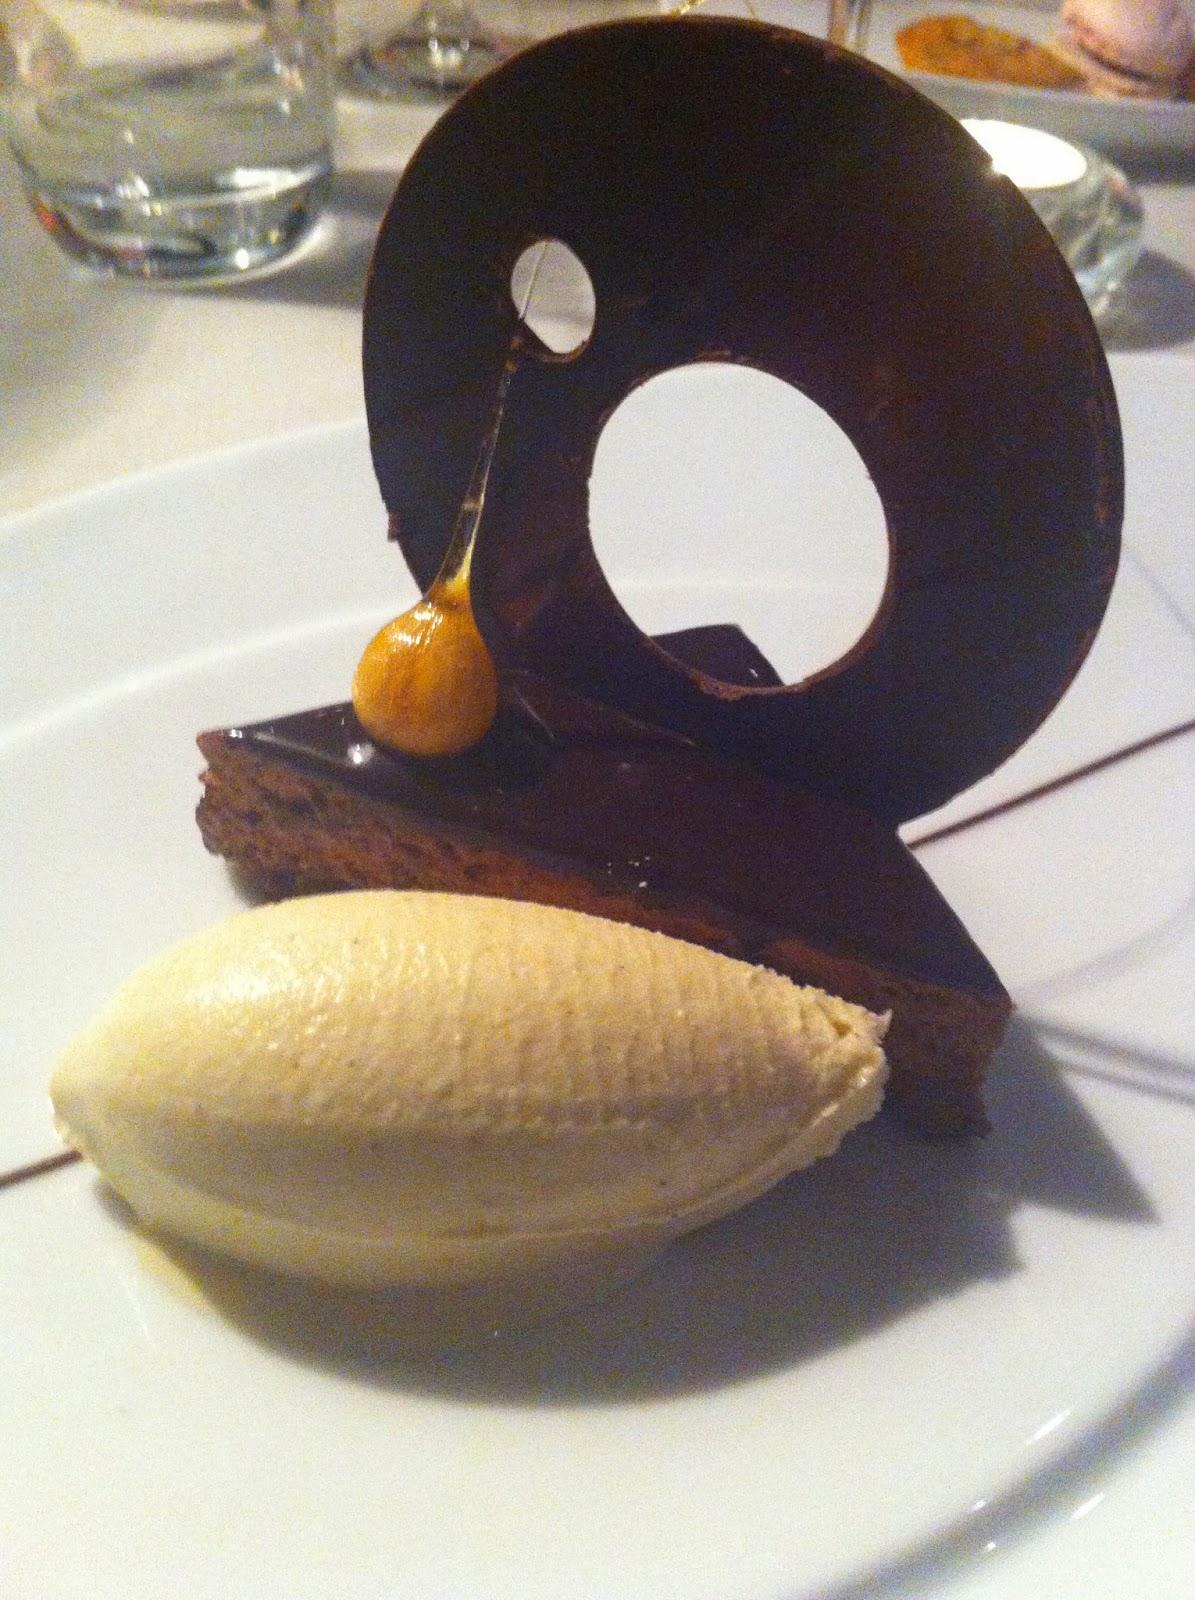 Schokolade Zum Dessert Gehört Irgendwie Für Mich Zu Den Sinnlichsten  Momenten Eines Menüs. Ein Perfekter Abschluss Eines Vorzüglichen Menüs.